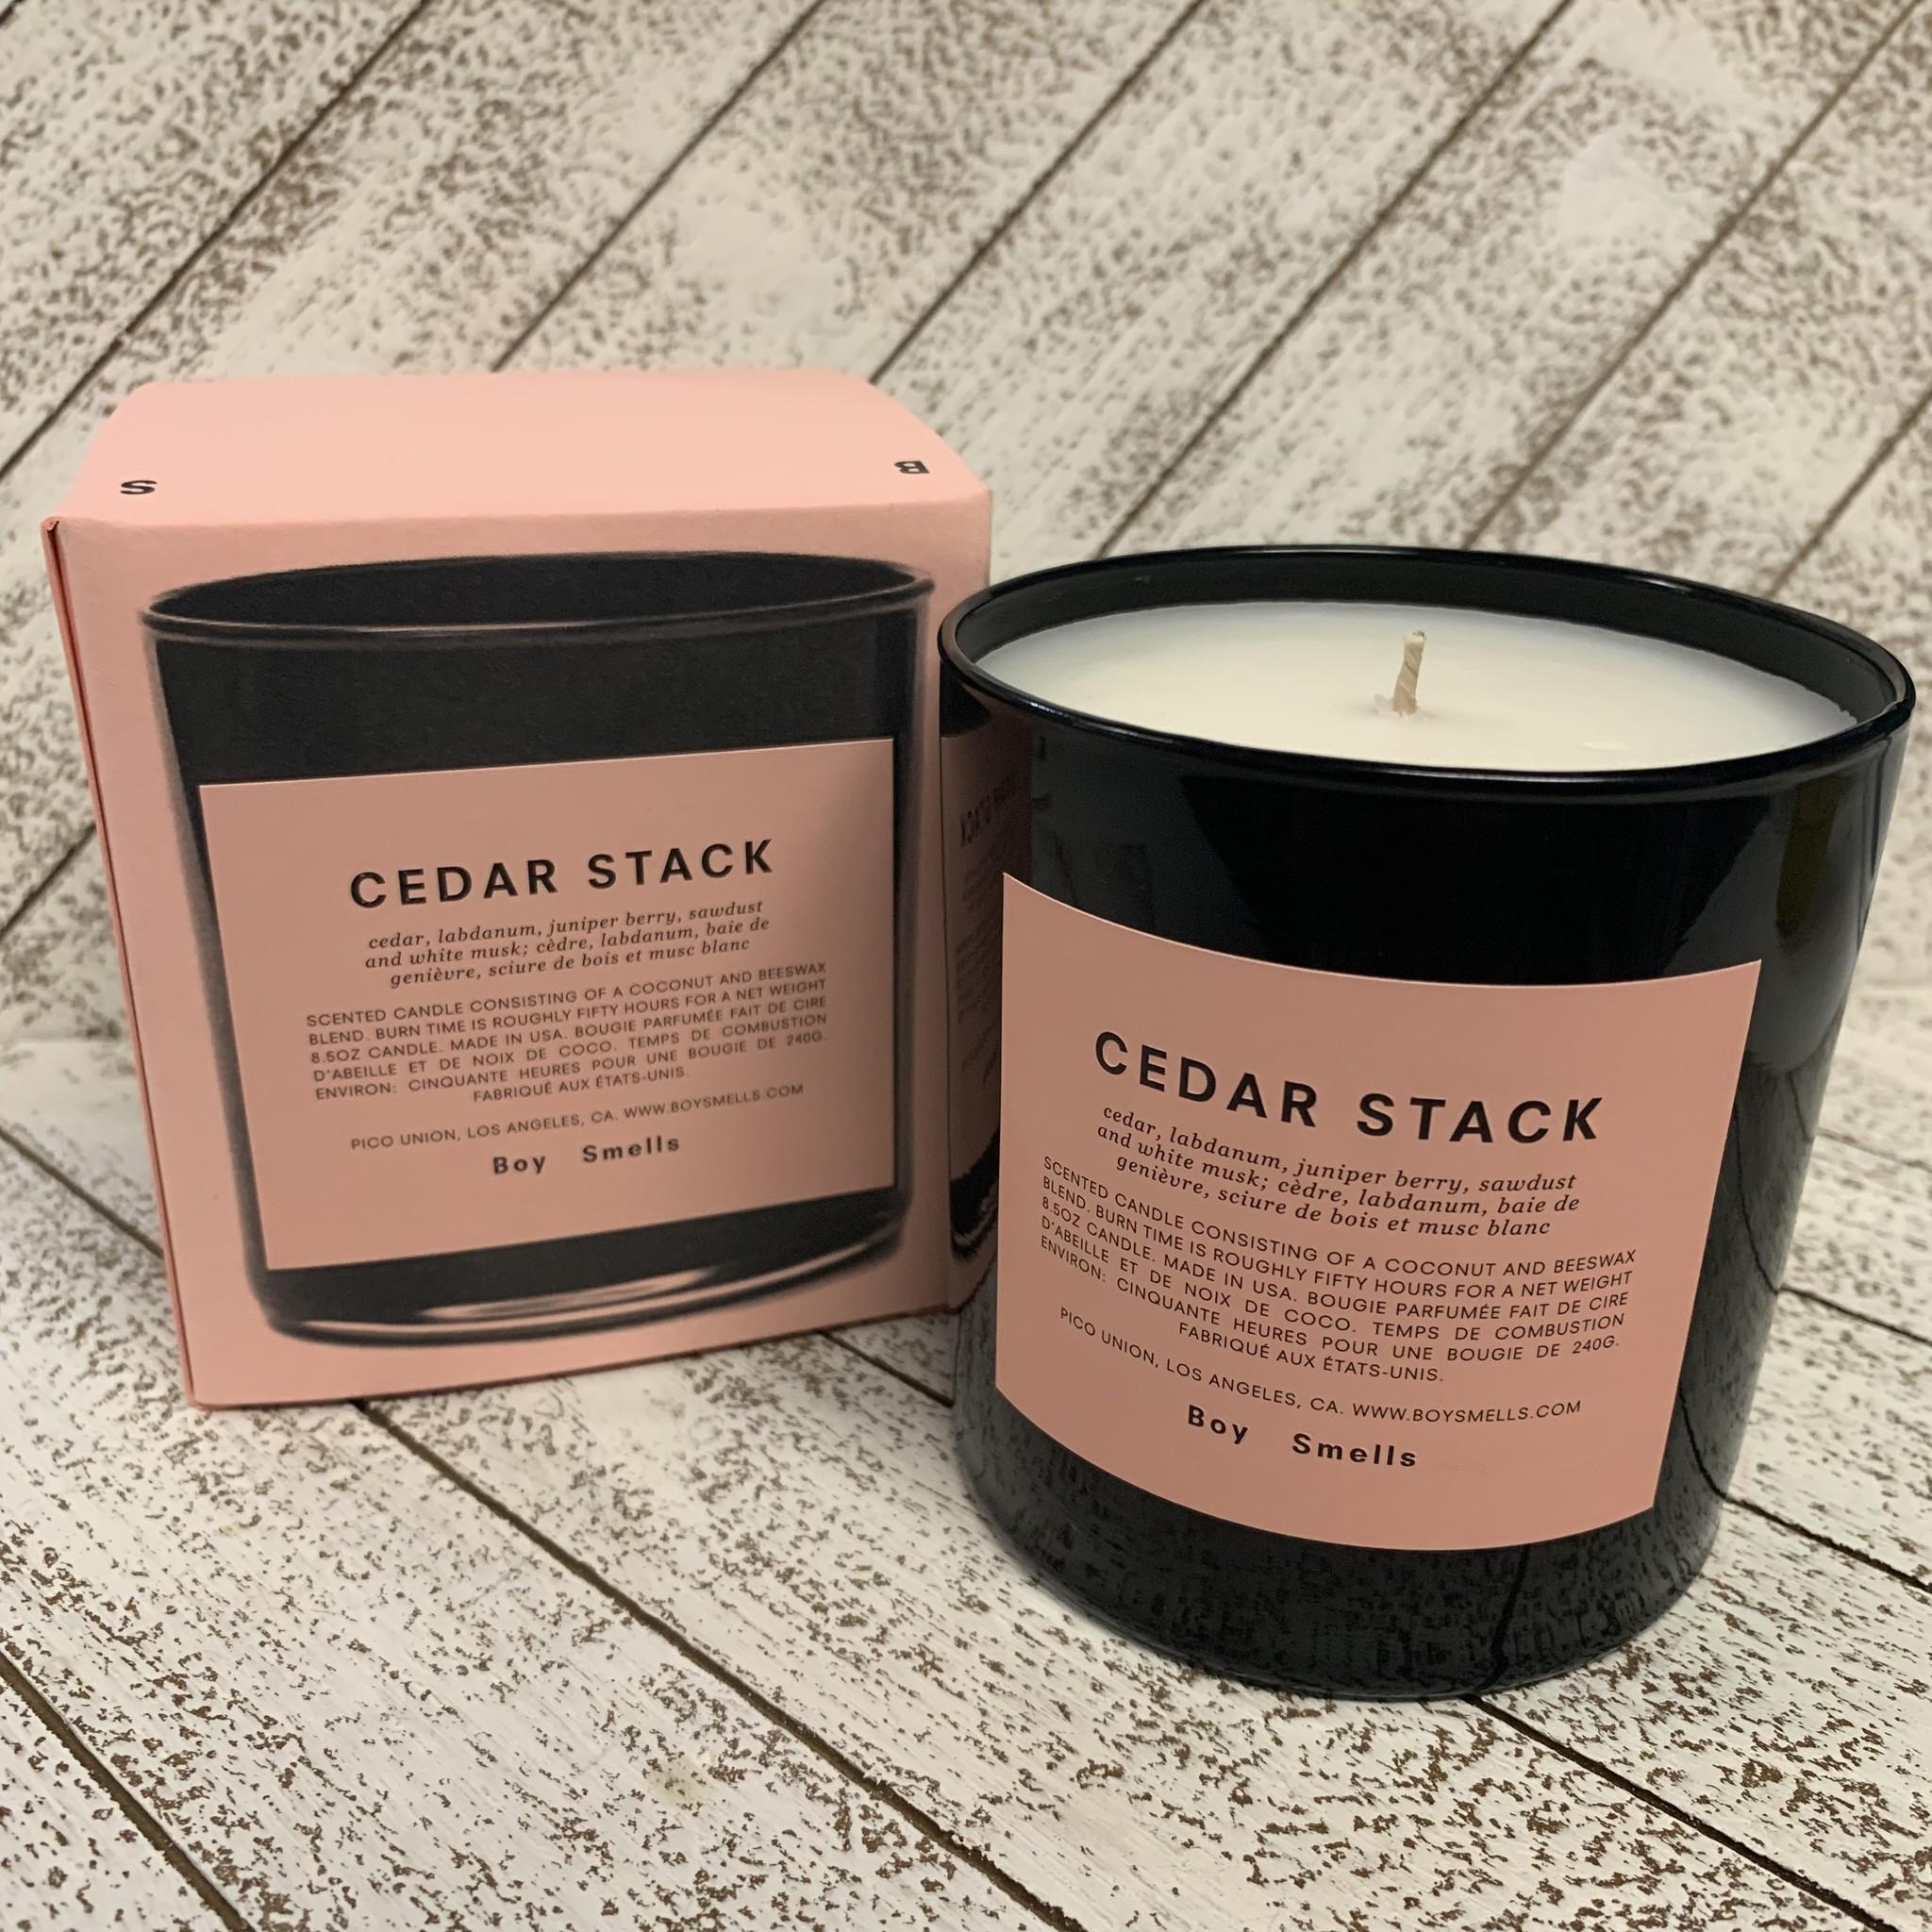 Boy Smells Boy Smells - Cedar Stack